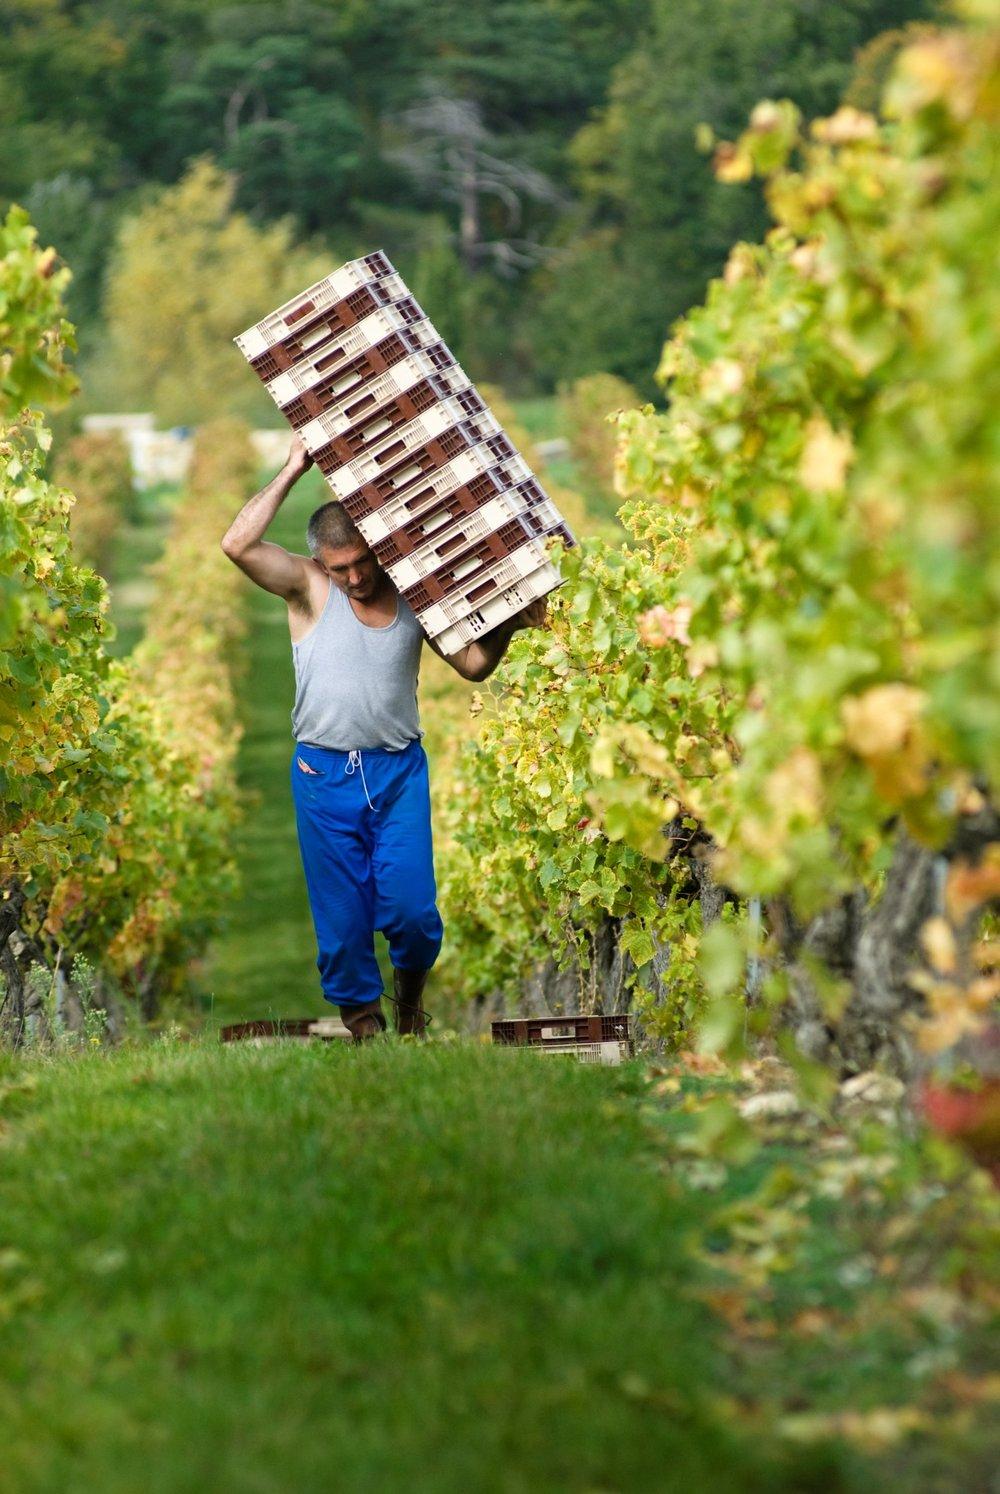 La Verriere wine chene bleu